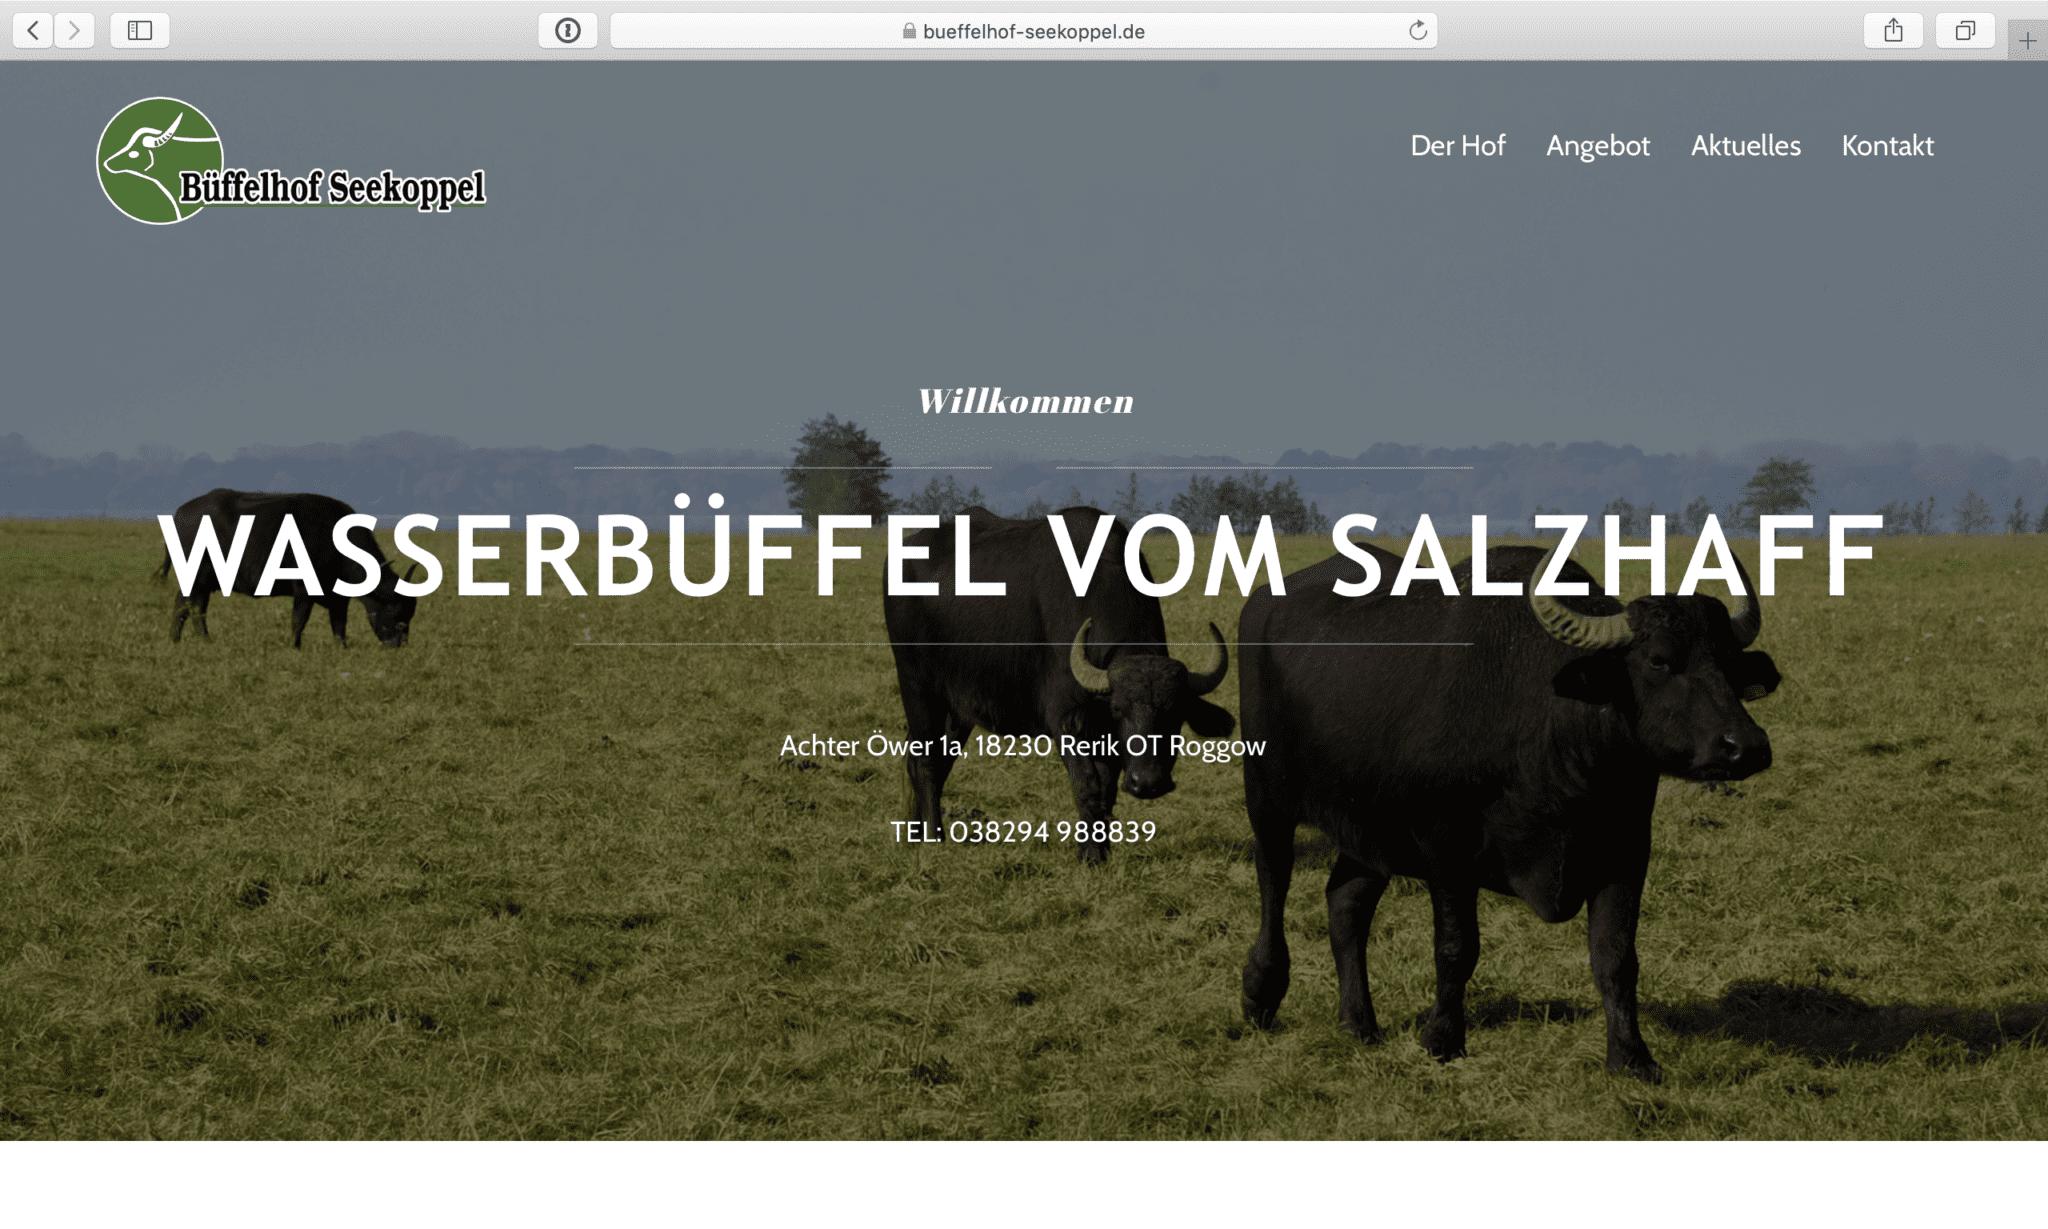 www.bueffelhof-seekoppel.de